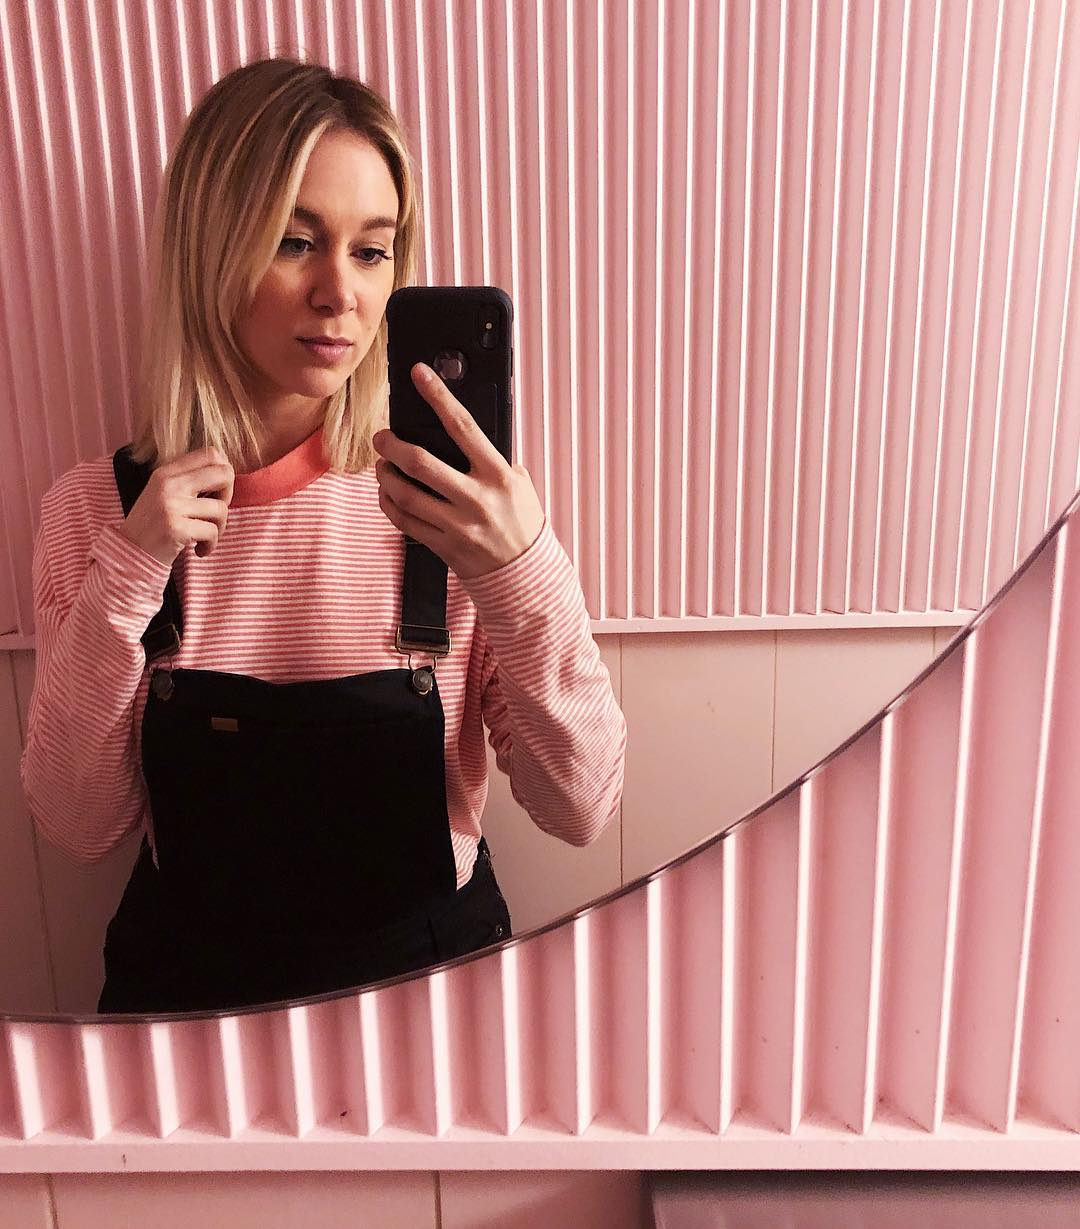 Les toilettes roses de ce bar montréalais est la nouvelle place tendance pour vos selfies